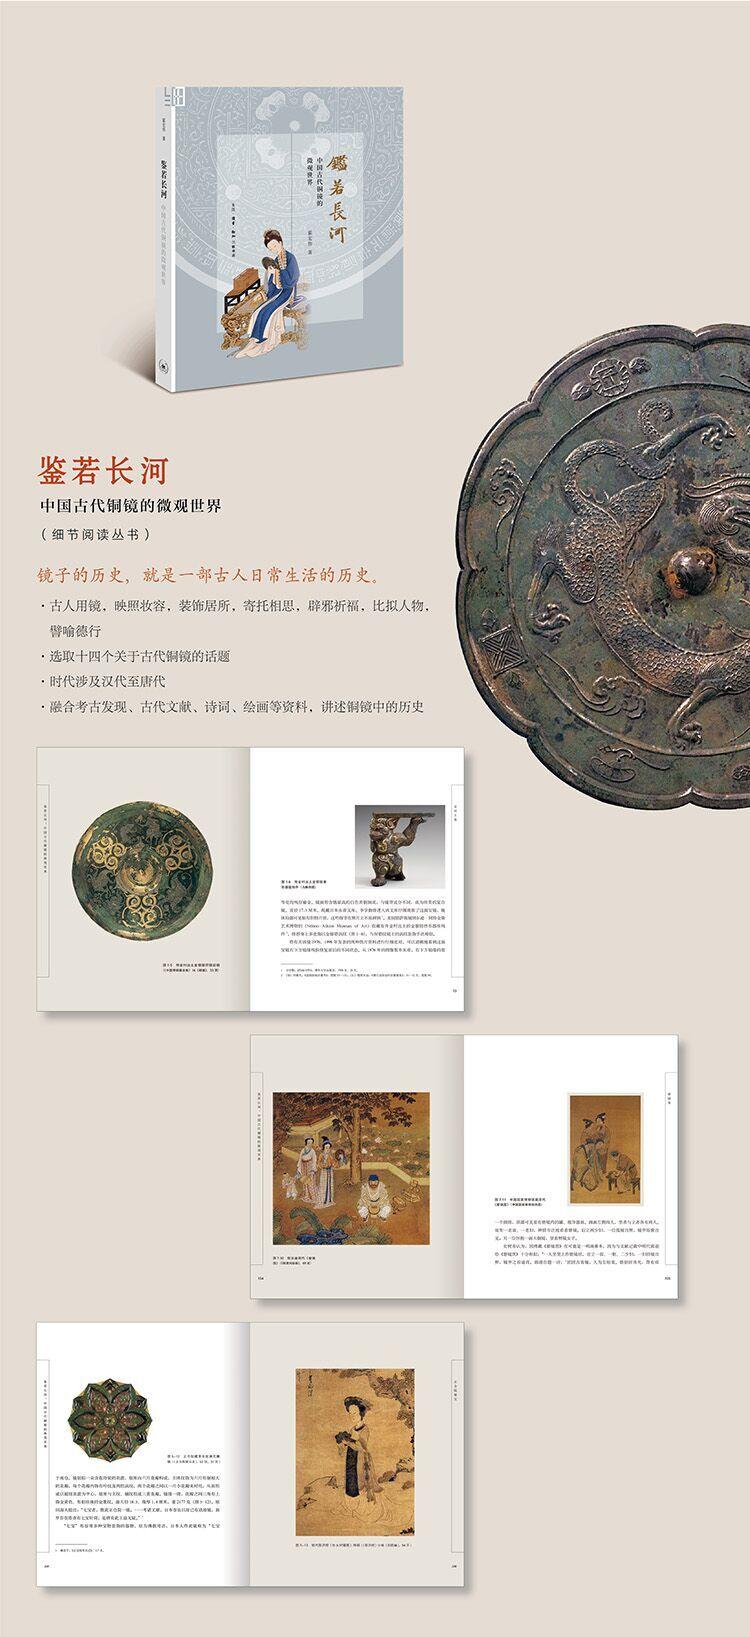 鑑若長河-中国古代銅鏡的微観世界